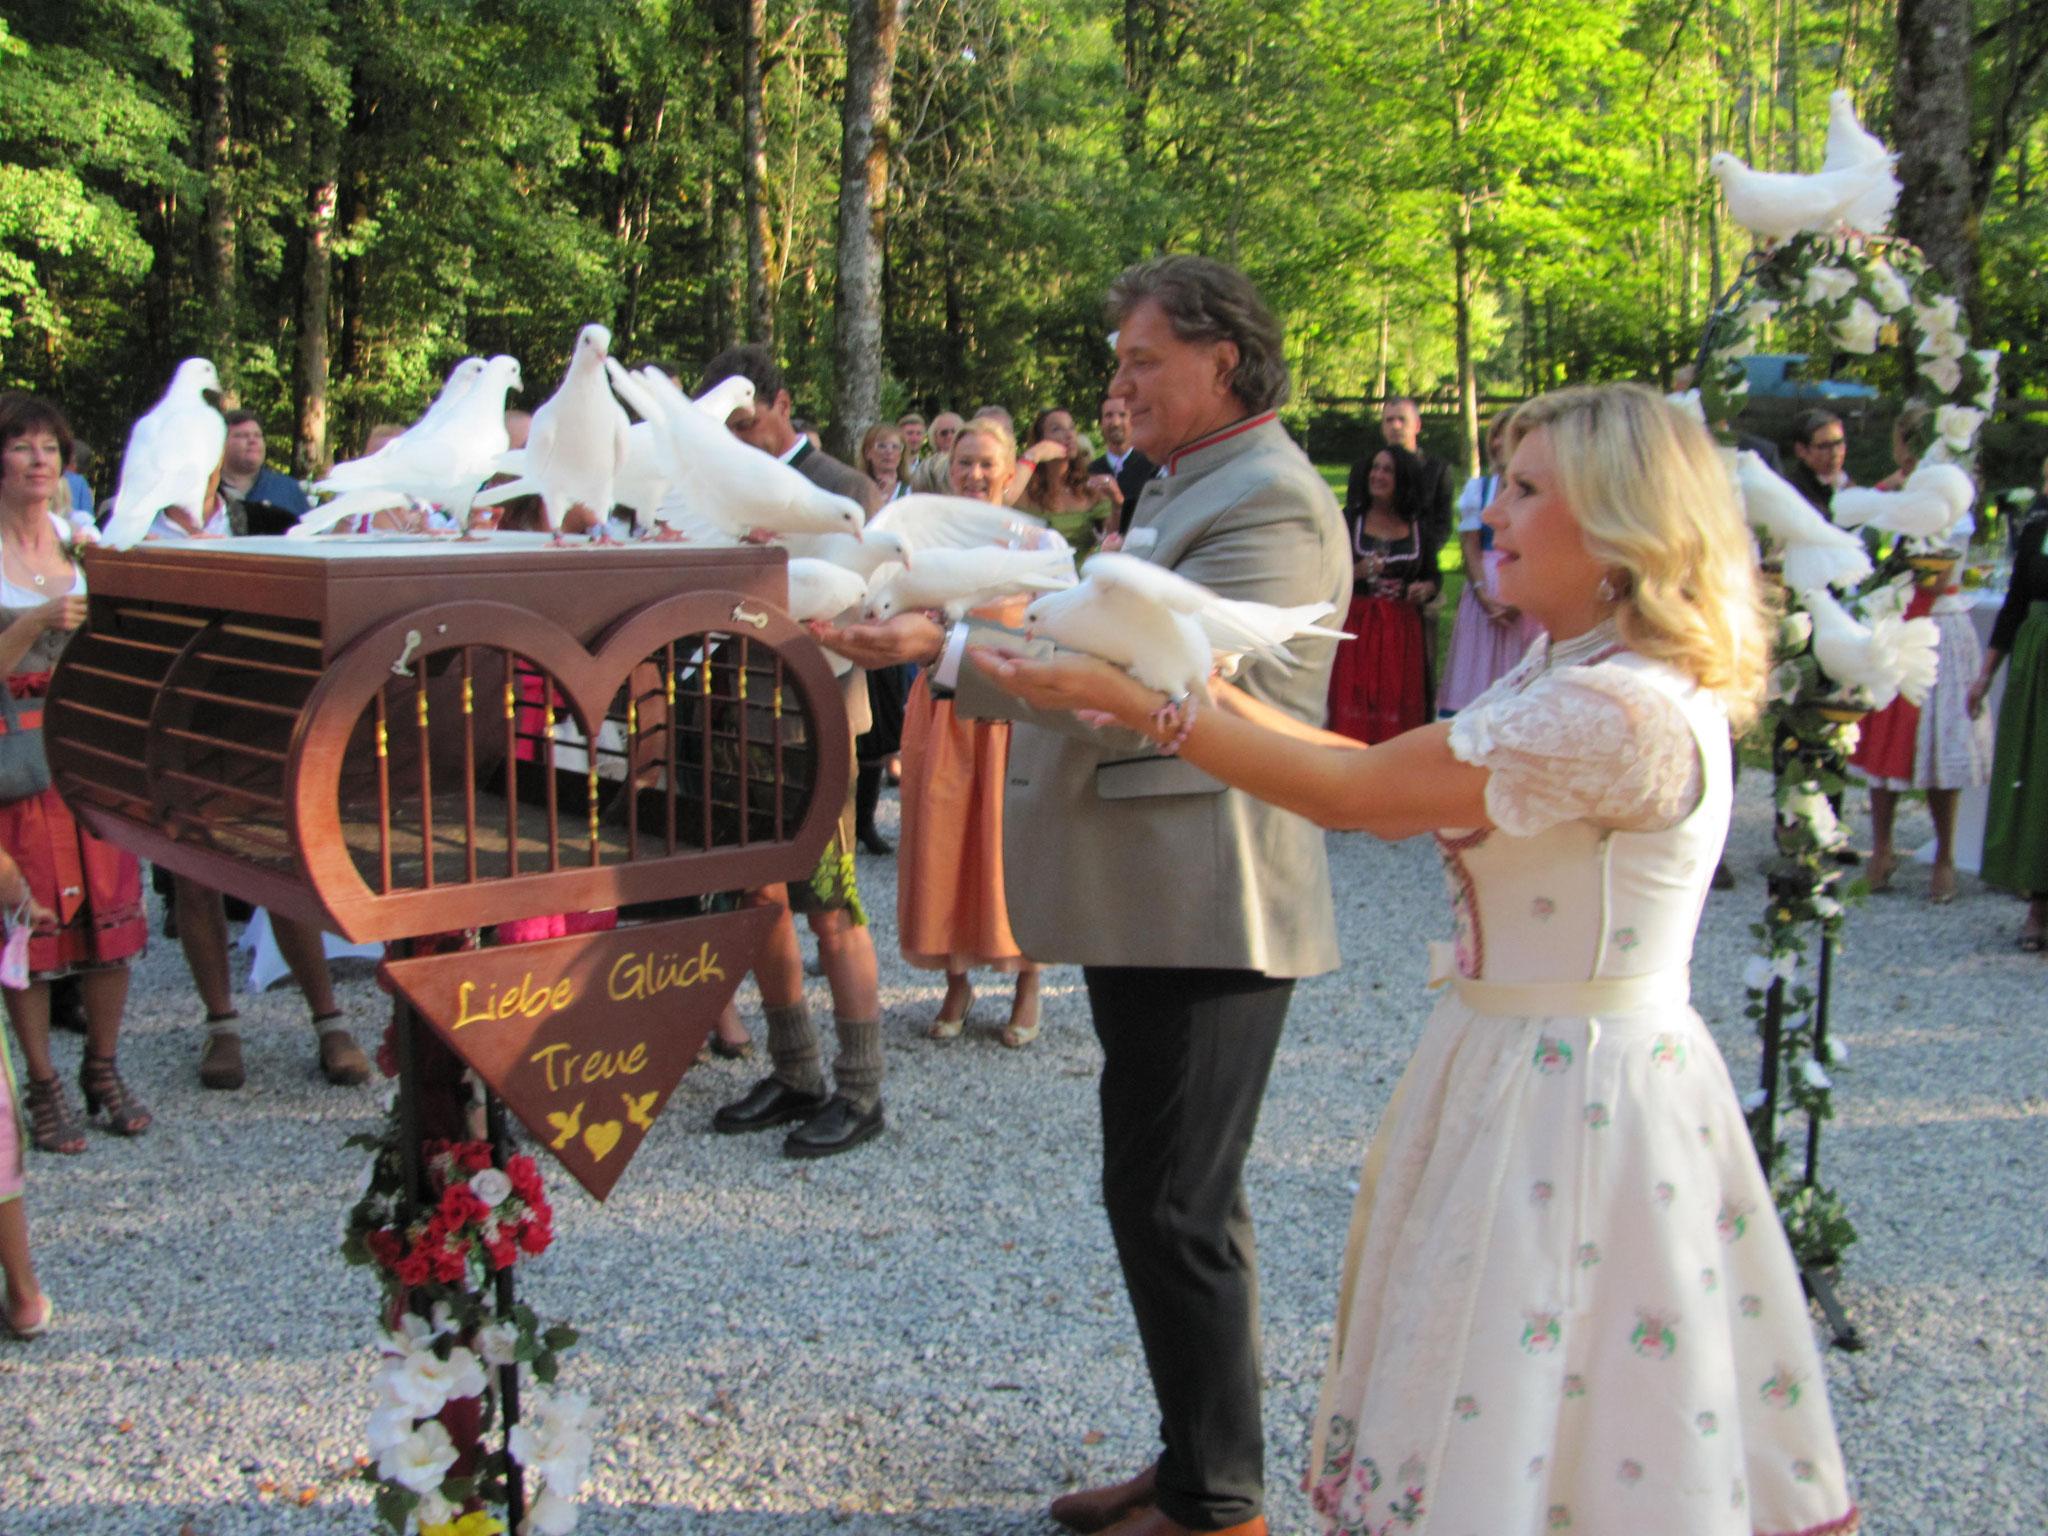 die weißen Tauben kommen zum Brautpaar auf die Hand